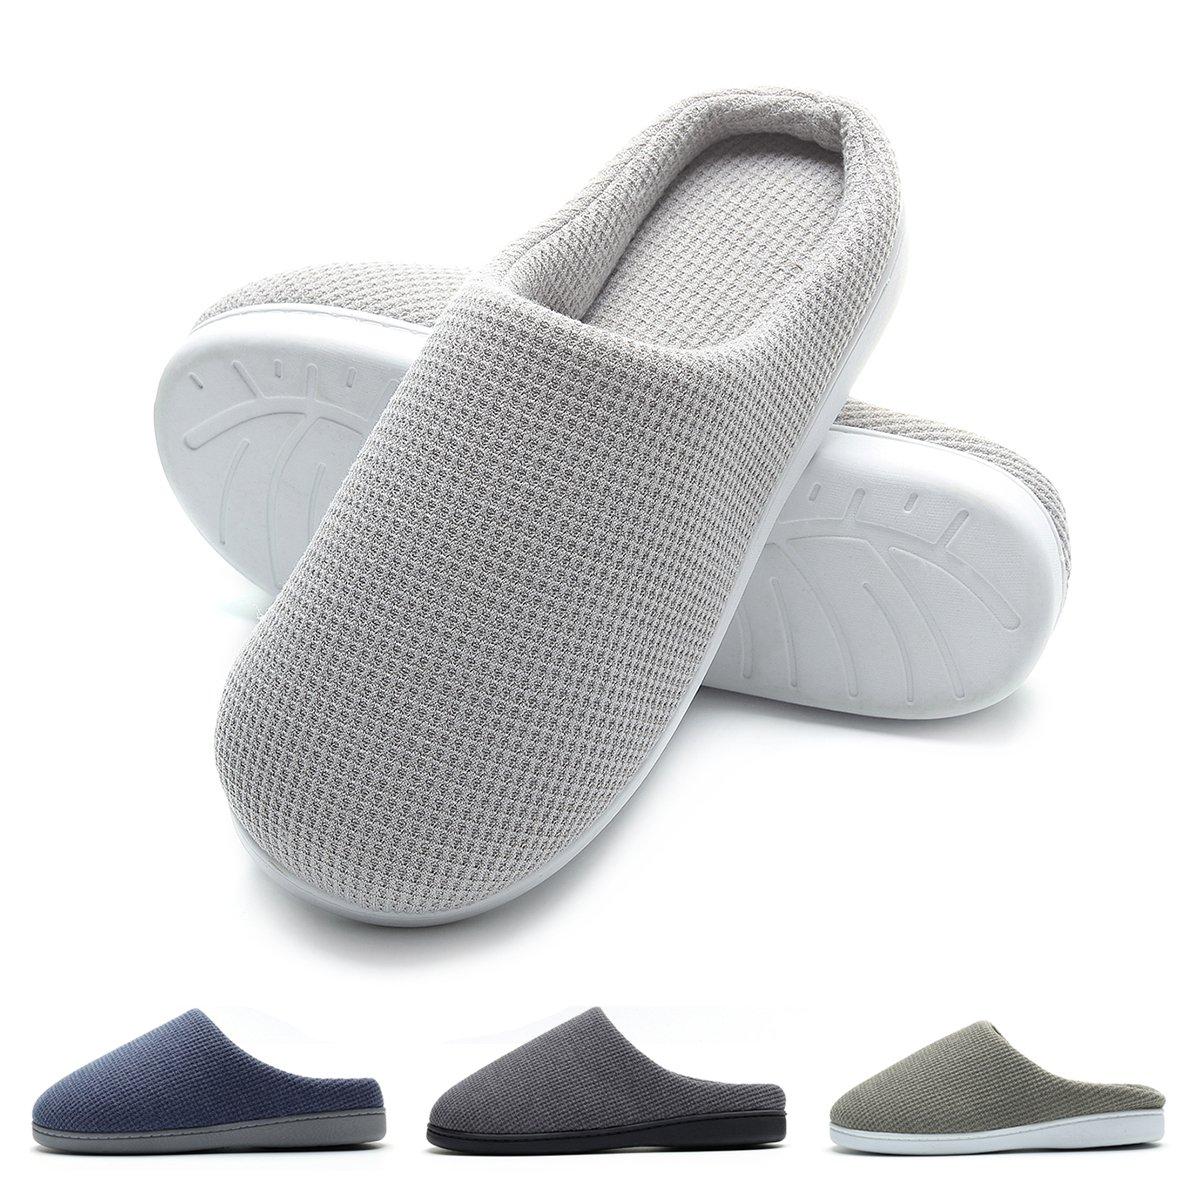 TALLA 42/43 EU. Zapatillas de casa de Hombre, Ultraligero cómodo y Antideslizante, Zapatilla de Estar por casa para Hombre